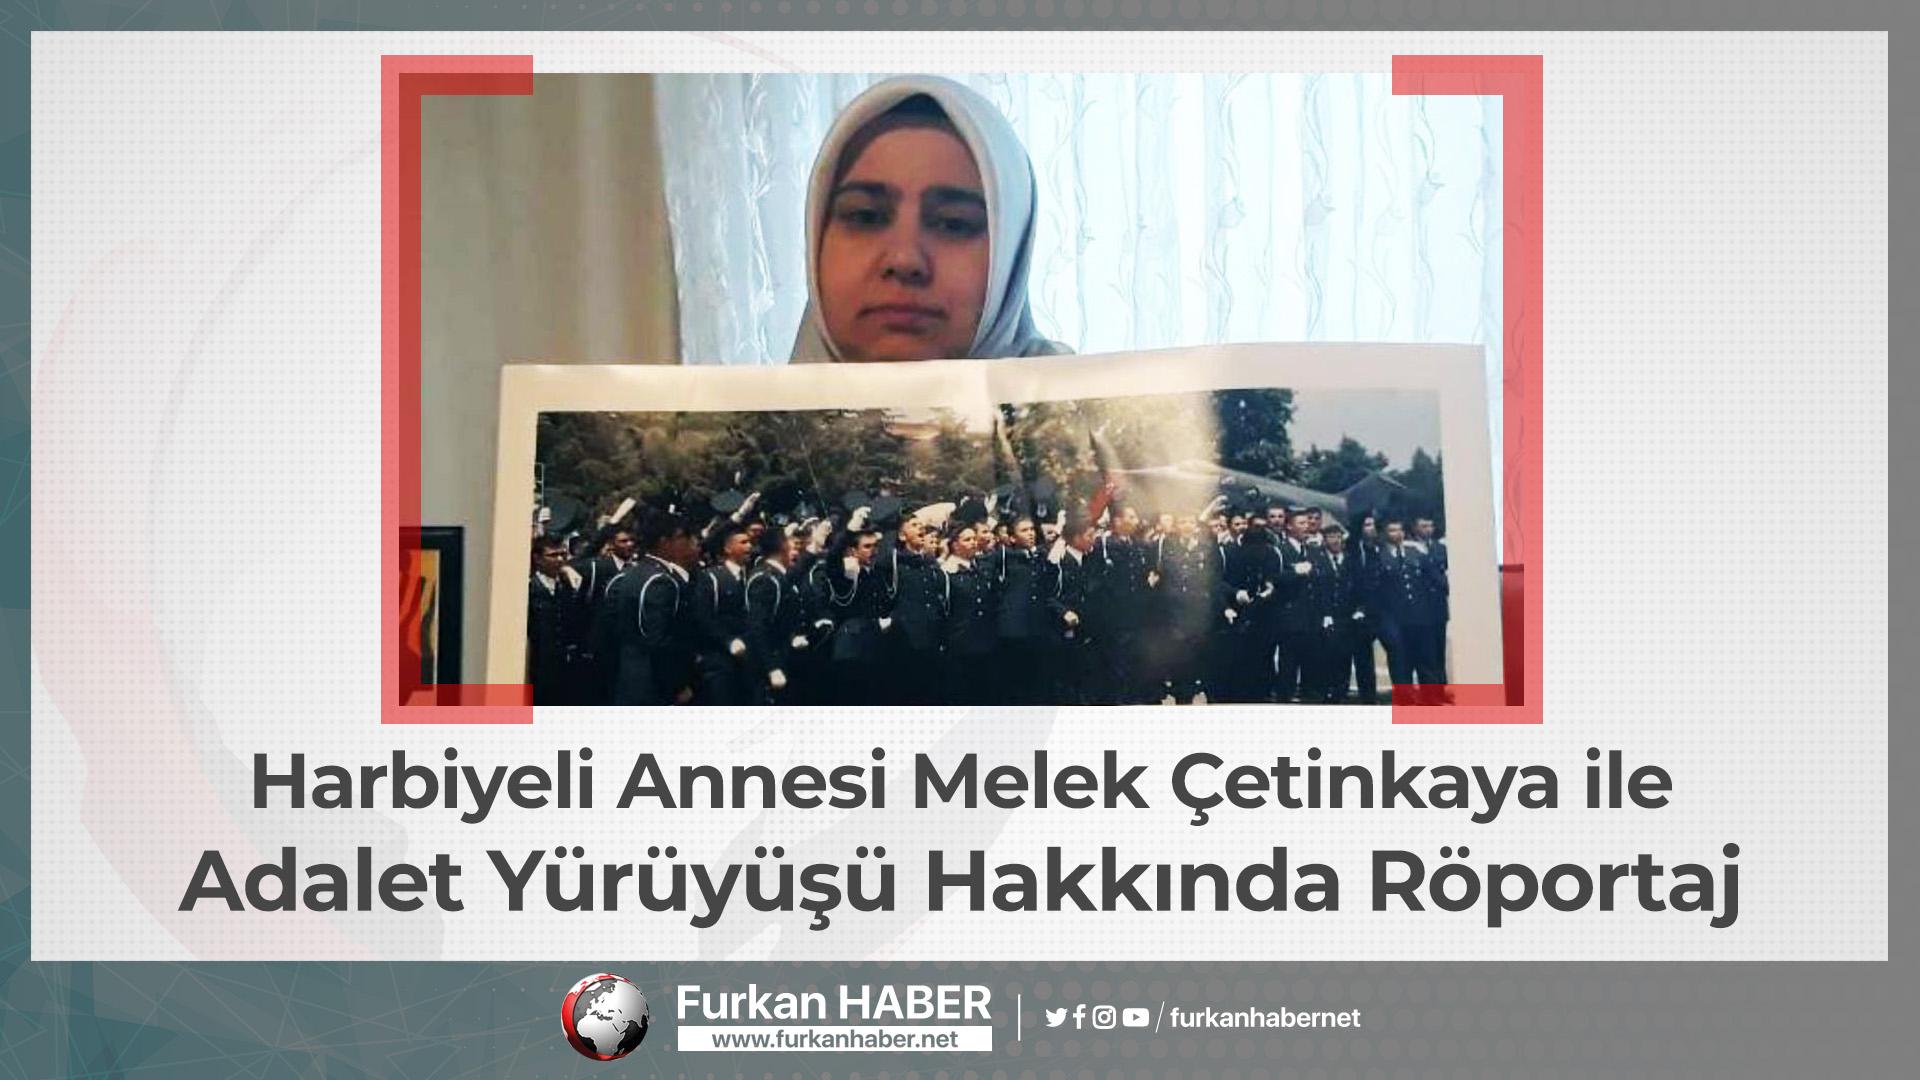 Harbiyeli Annesi Melek Çetinkaya ile Adalet Yürüyüşü Hakkında Röportaj